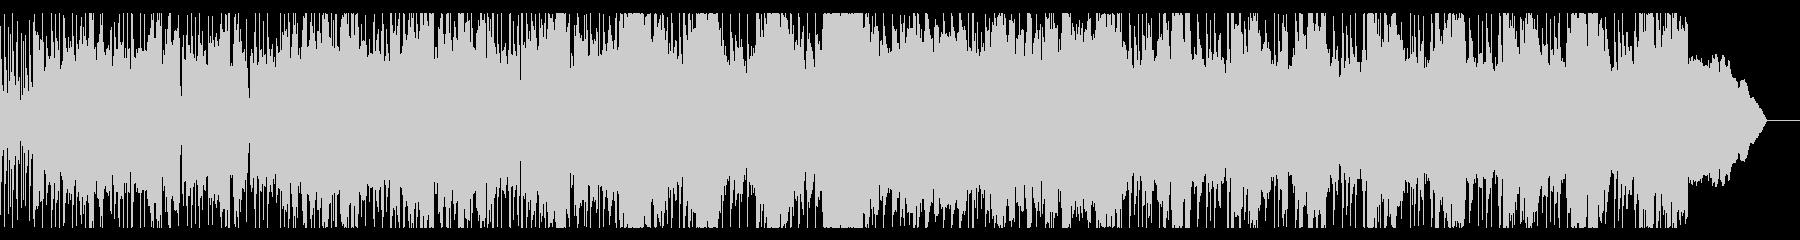 力強いブラスロックの未再生の波形